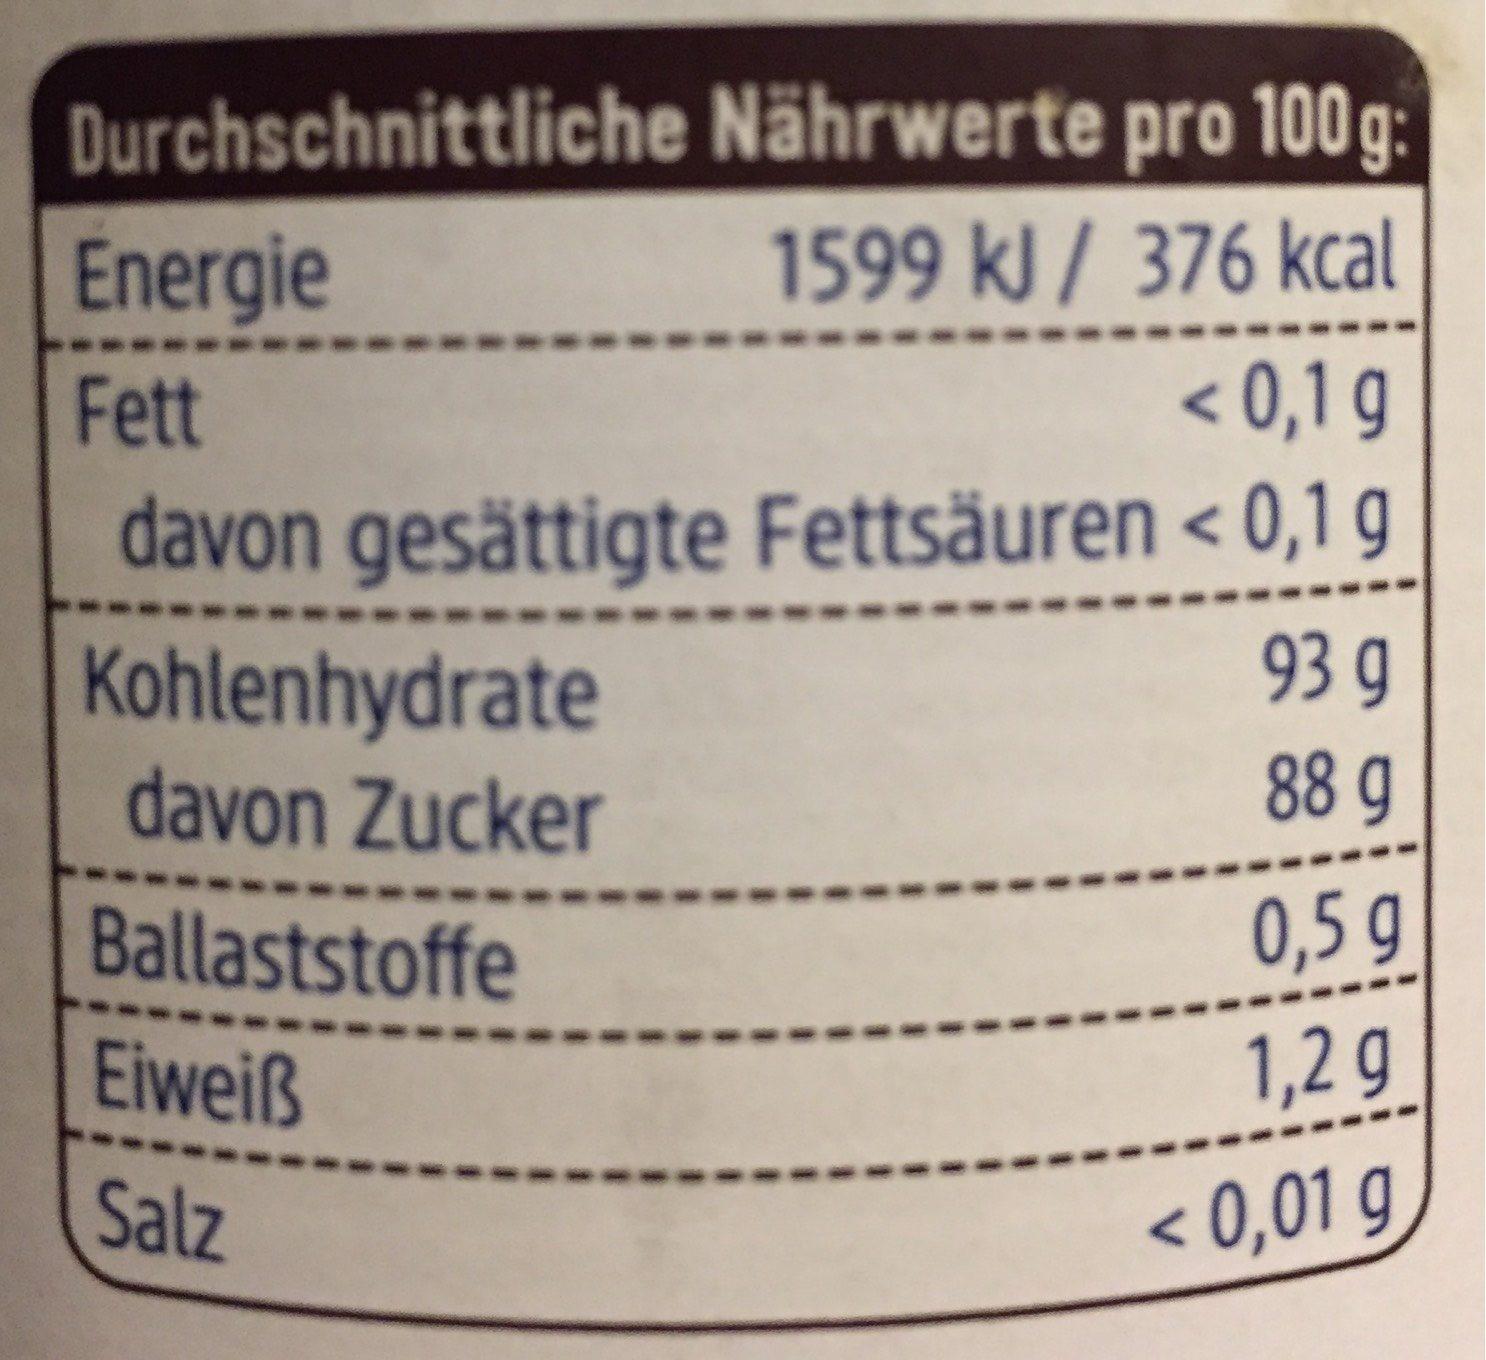 DM Bio Kokosblüten Zucker - Nutrition facts